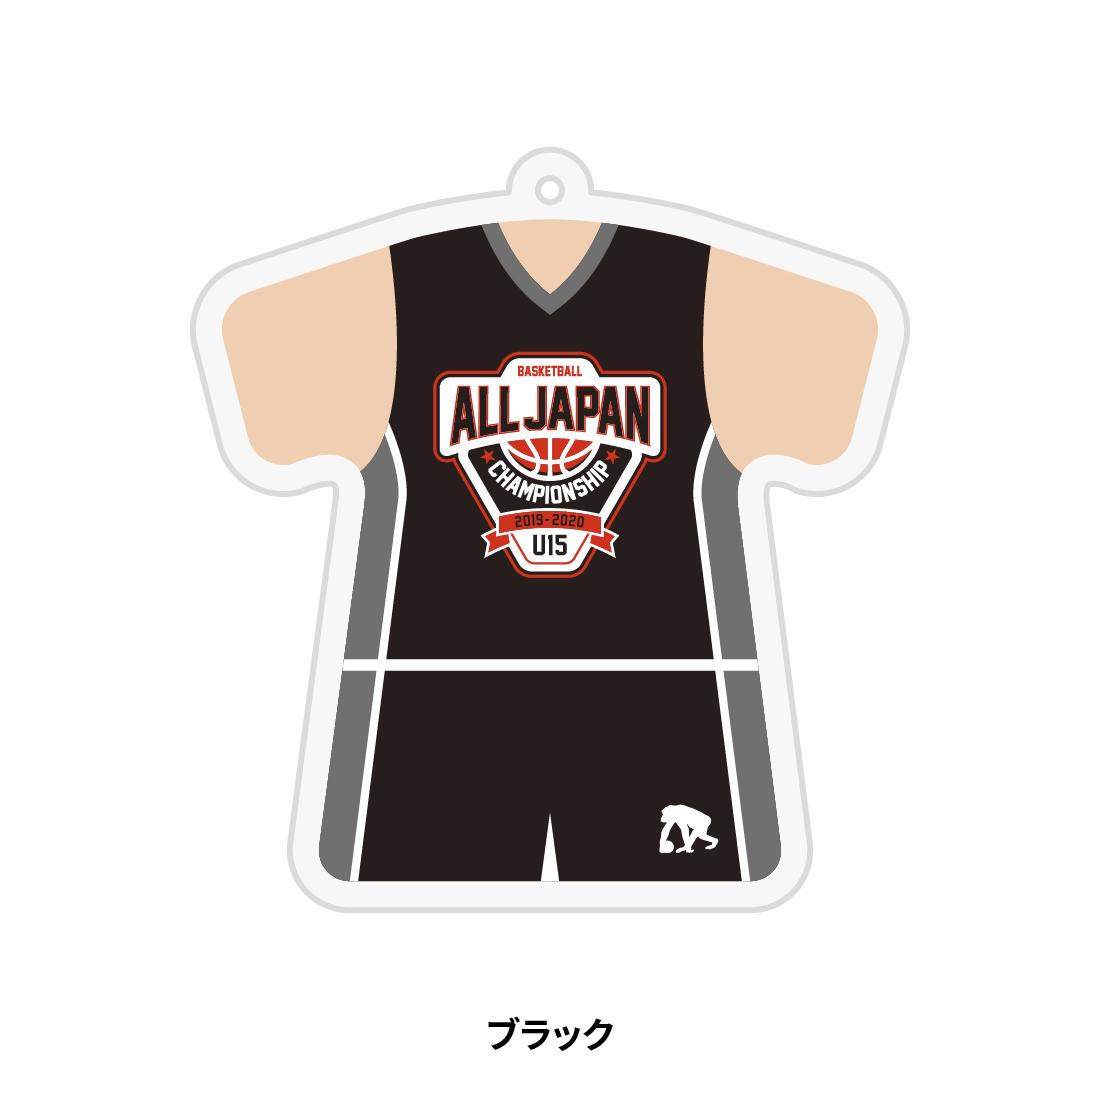 【全国U15】ユニフォームキーホルダー ブラック